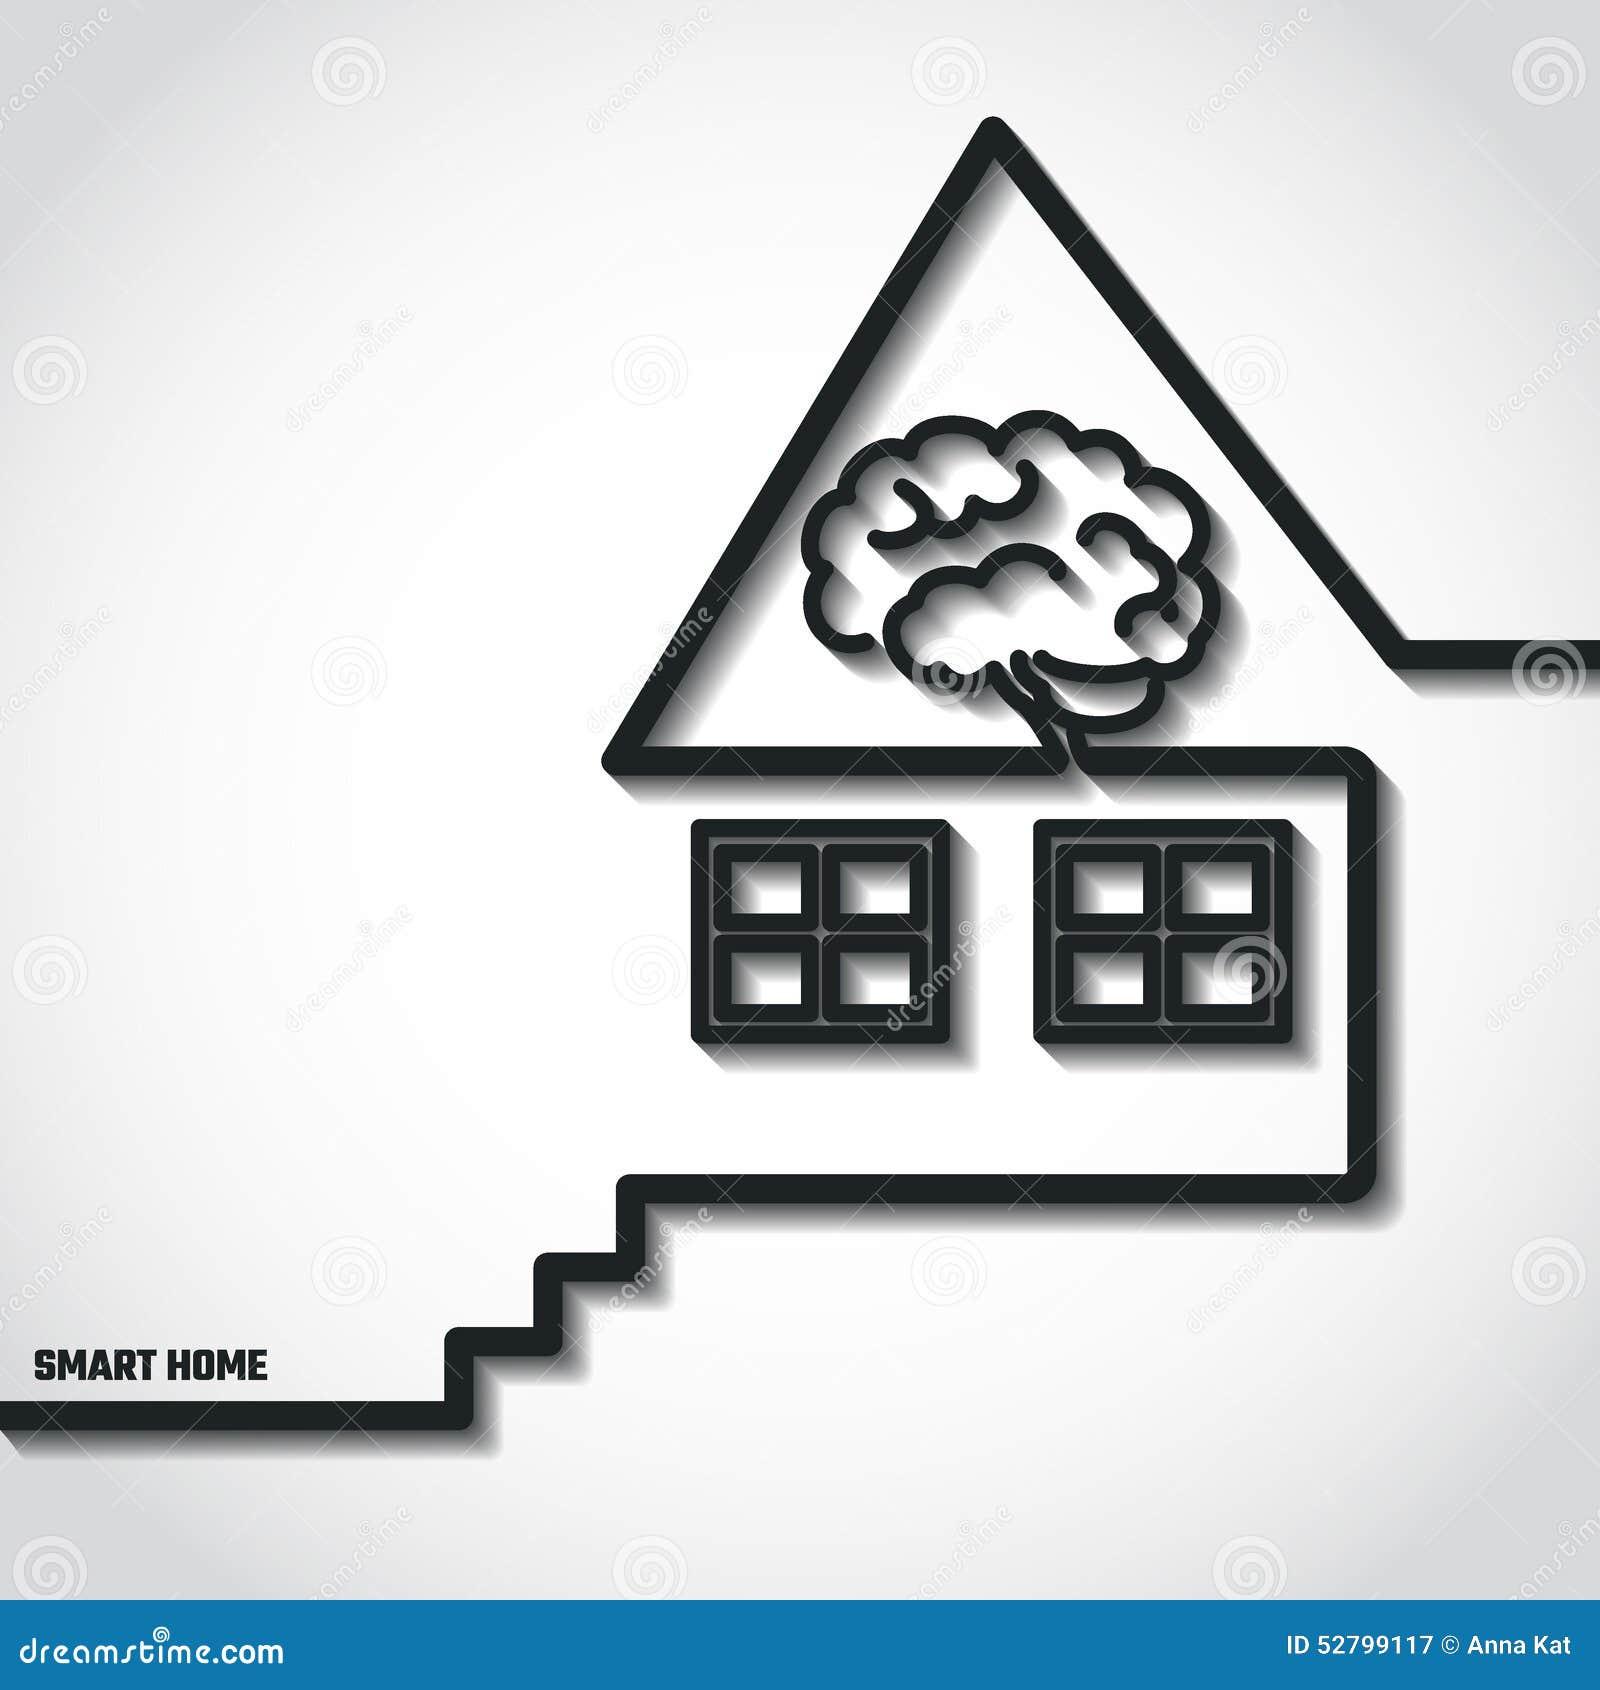 maison intelligente illustration stock image 52799117. Black Bedroom Furniture Sets. Home Design Ideas